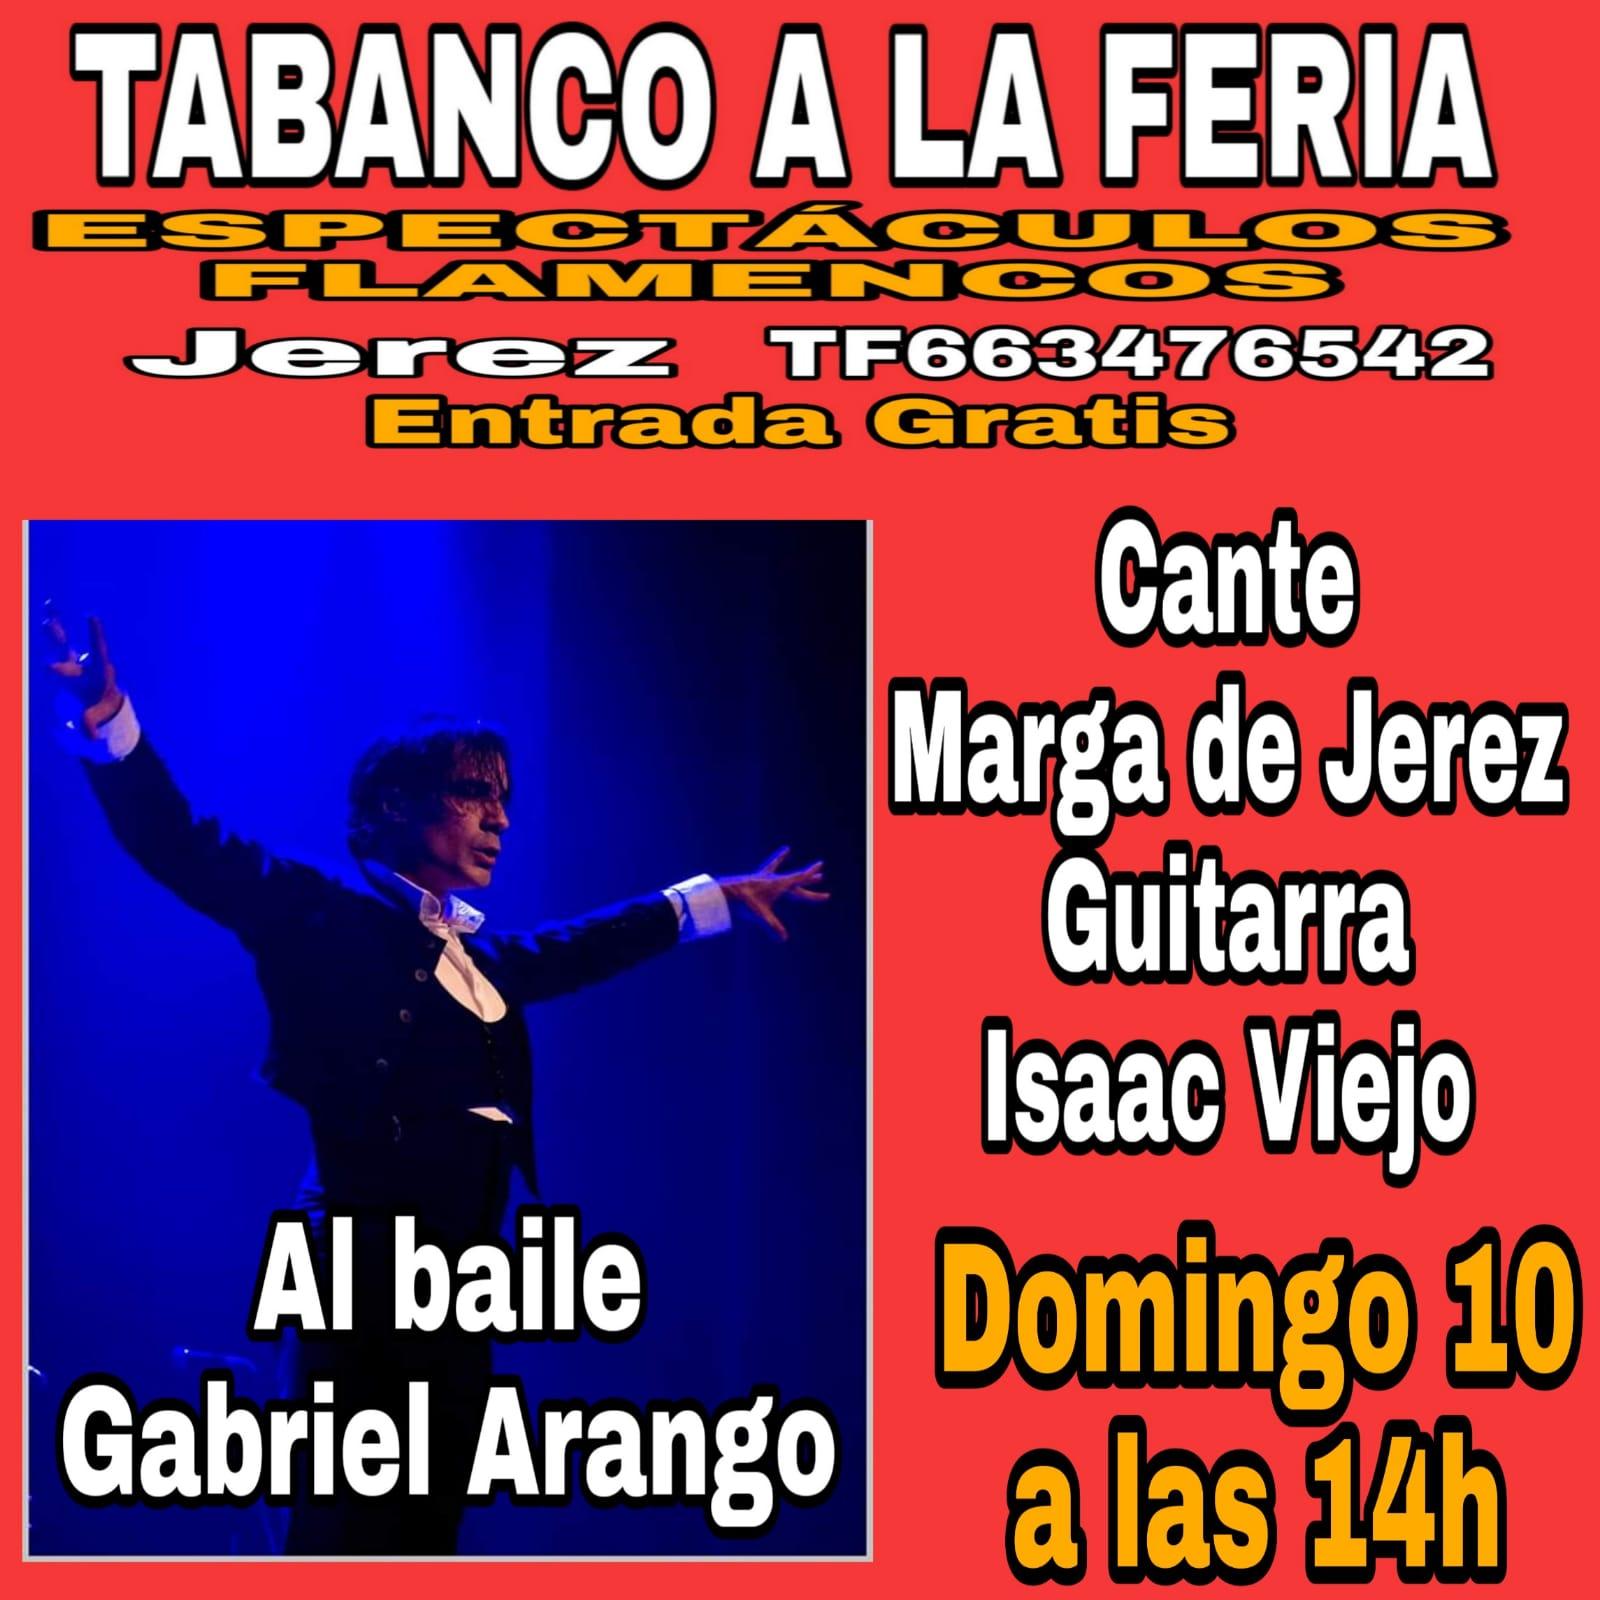 Tabanco La Feria